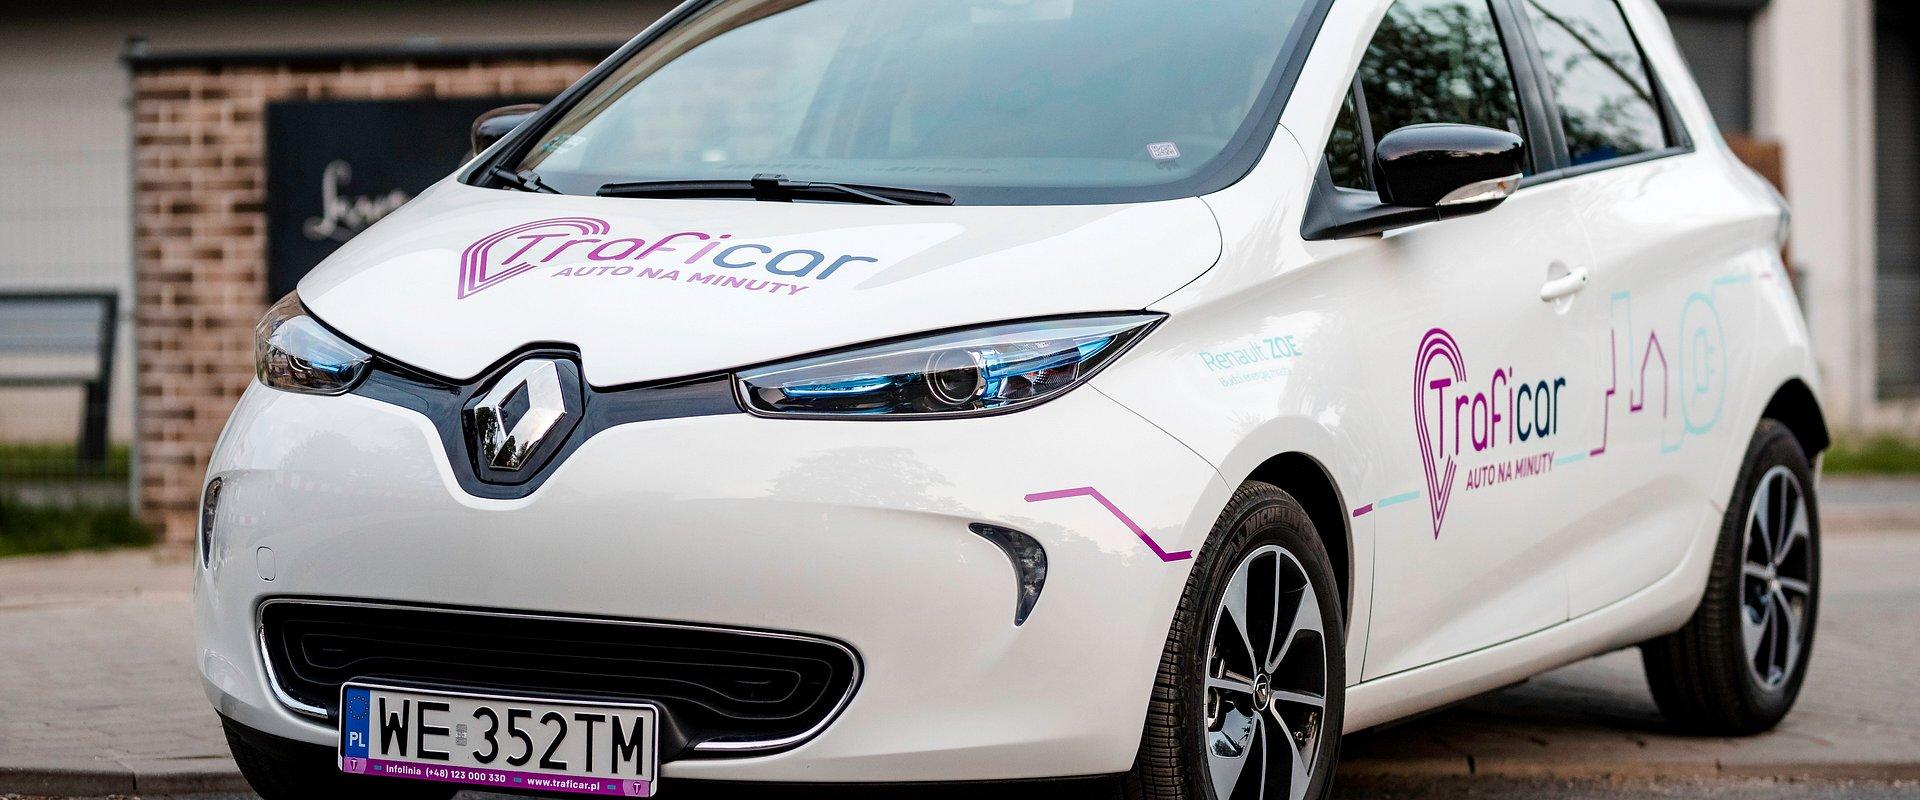 Elektryczne samochody Renault ZOE w ramach usługi Traficar dostępne w Katowicach